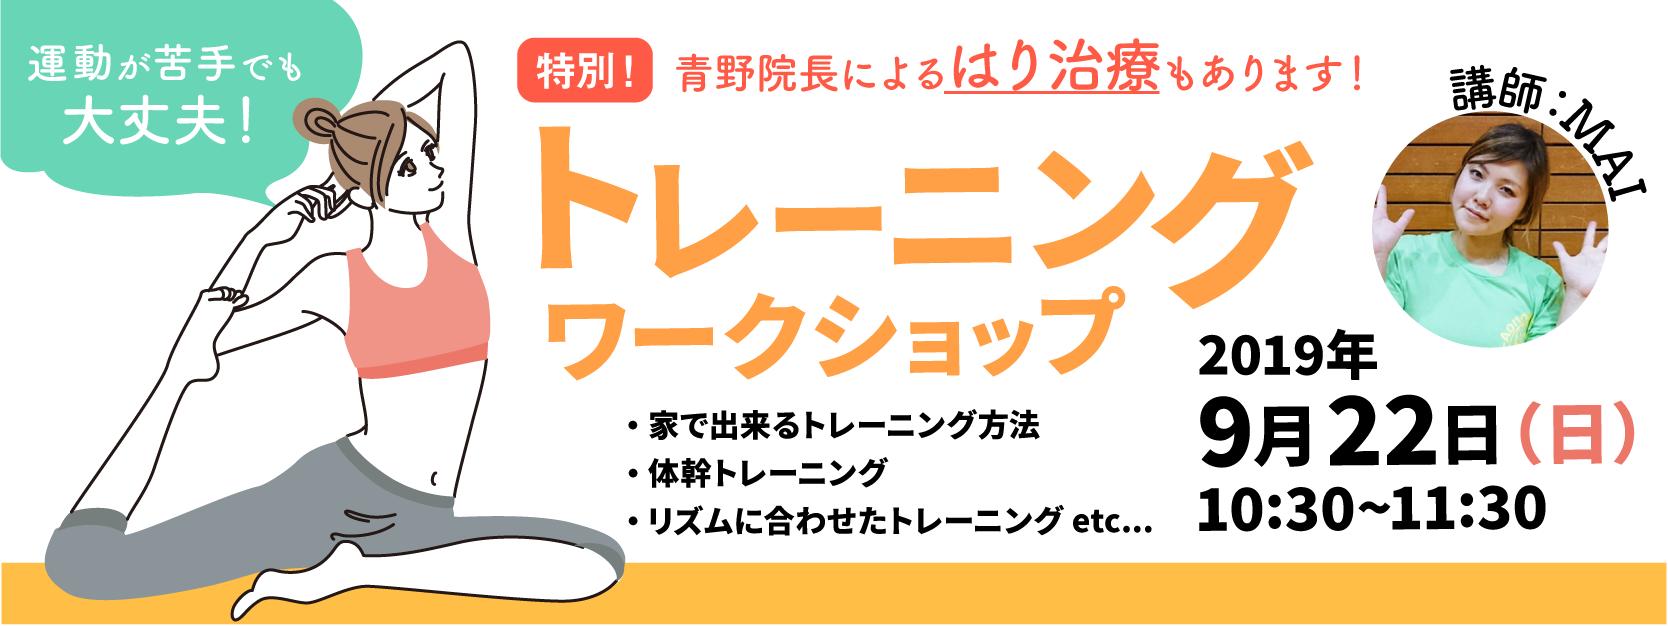 2019年9月22日開催:美容鍼もやります!トレーニングワークショップのお知らせ